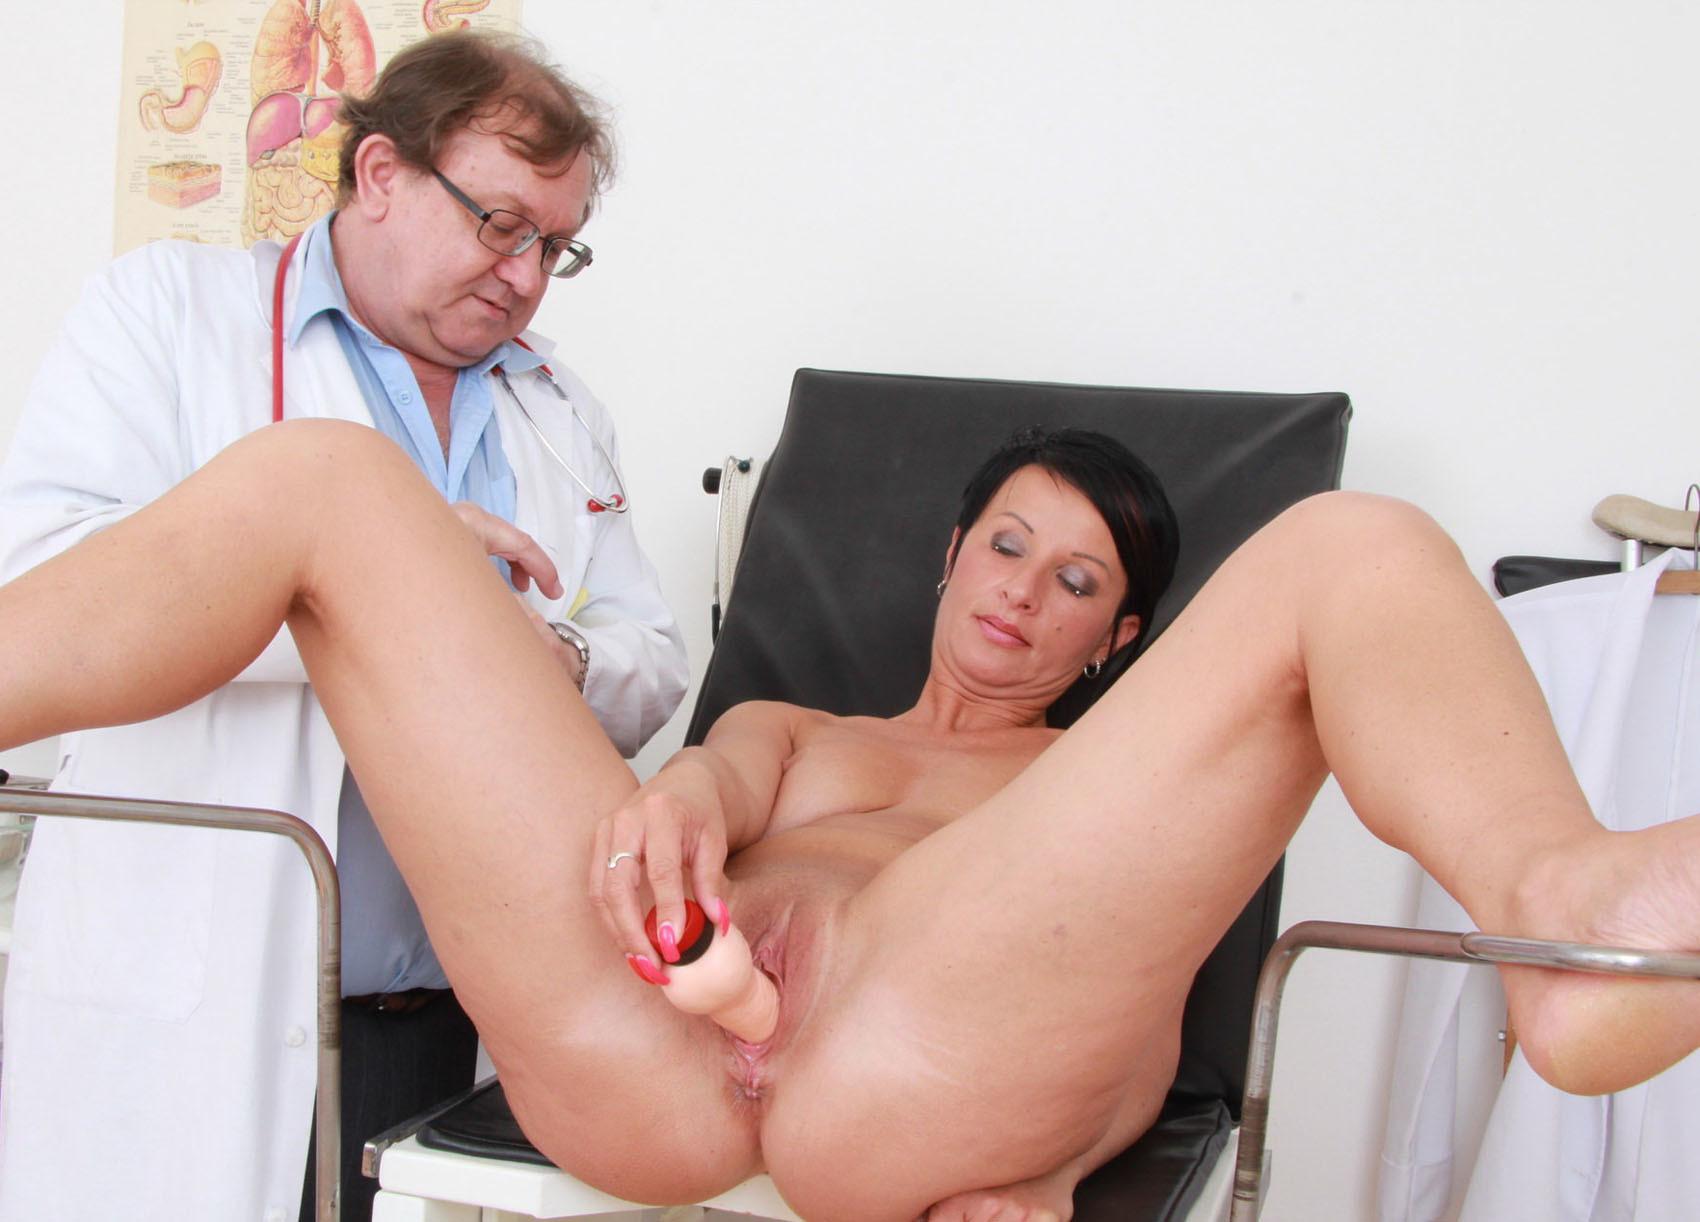 gyno klinik postkoitaler kopfschmerz